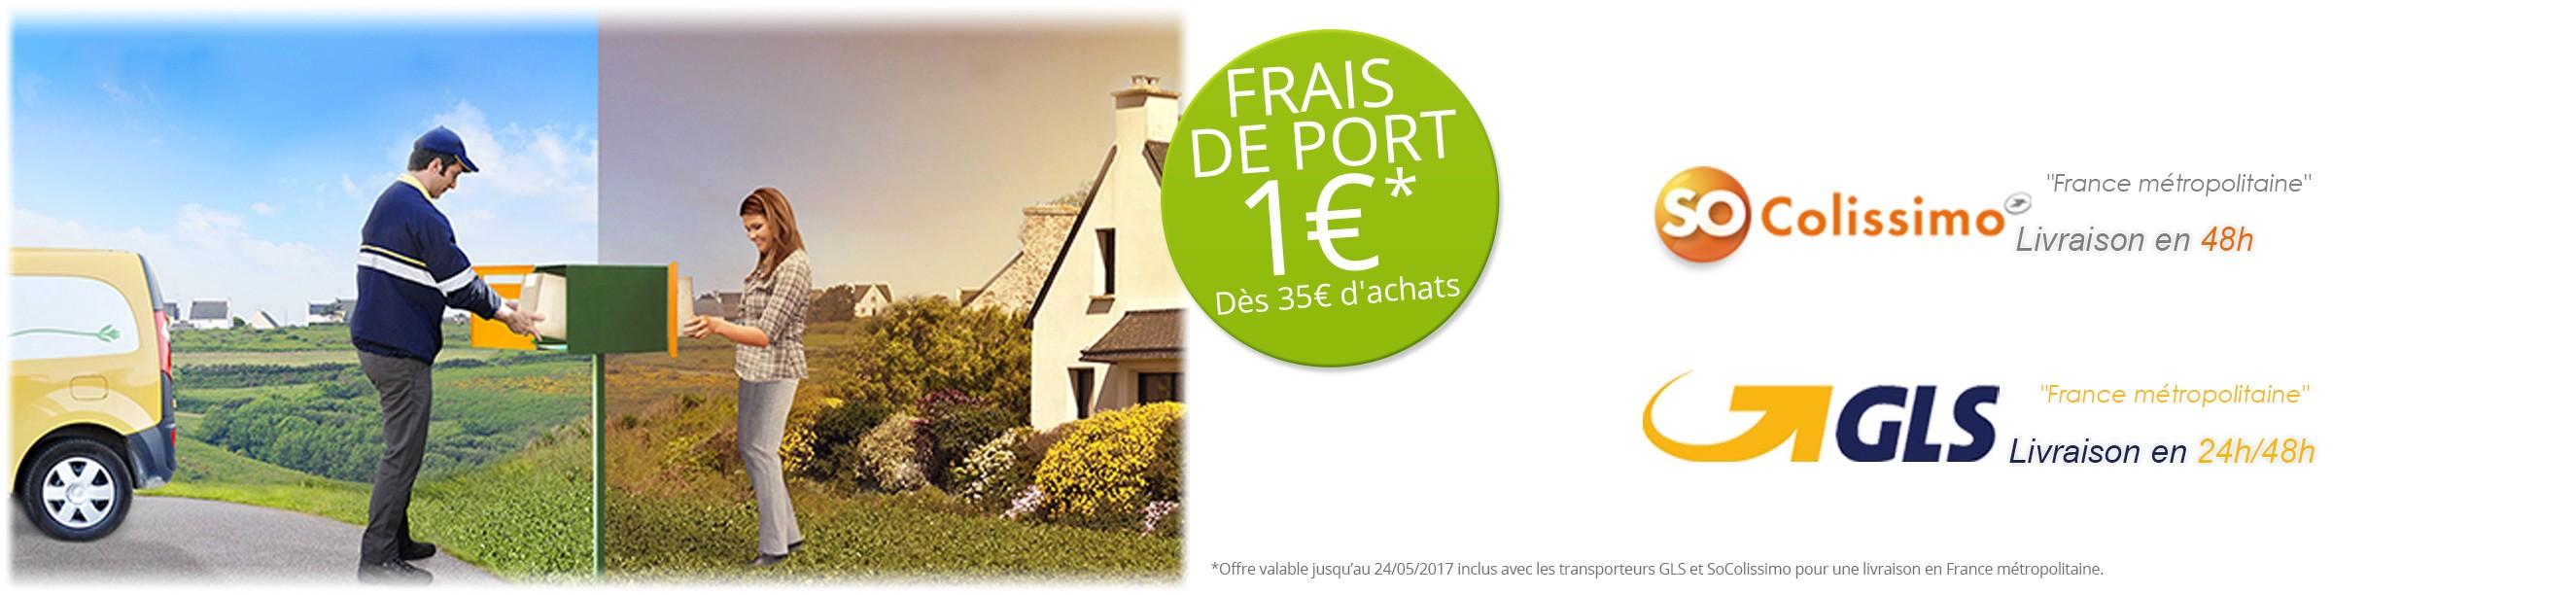 Frais de port à 1 € dès 35 € d'achats